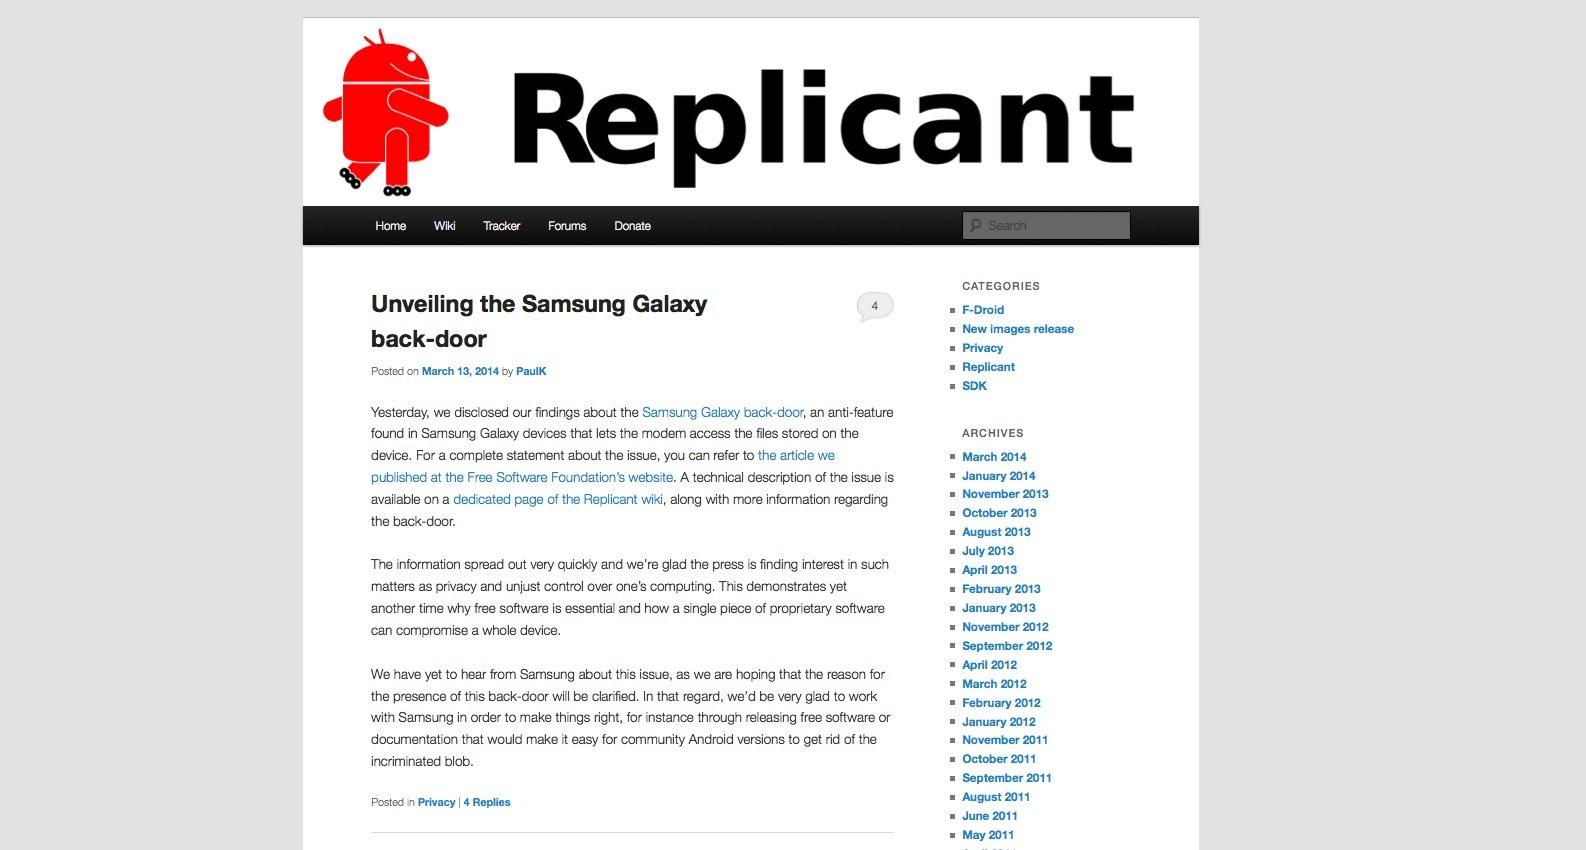 Die Entwickler der Android-Alternative Replicant meldeten die Sicherheitslücke in Samsung-Geräten.